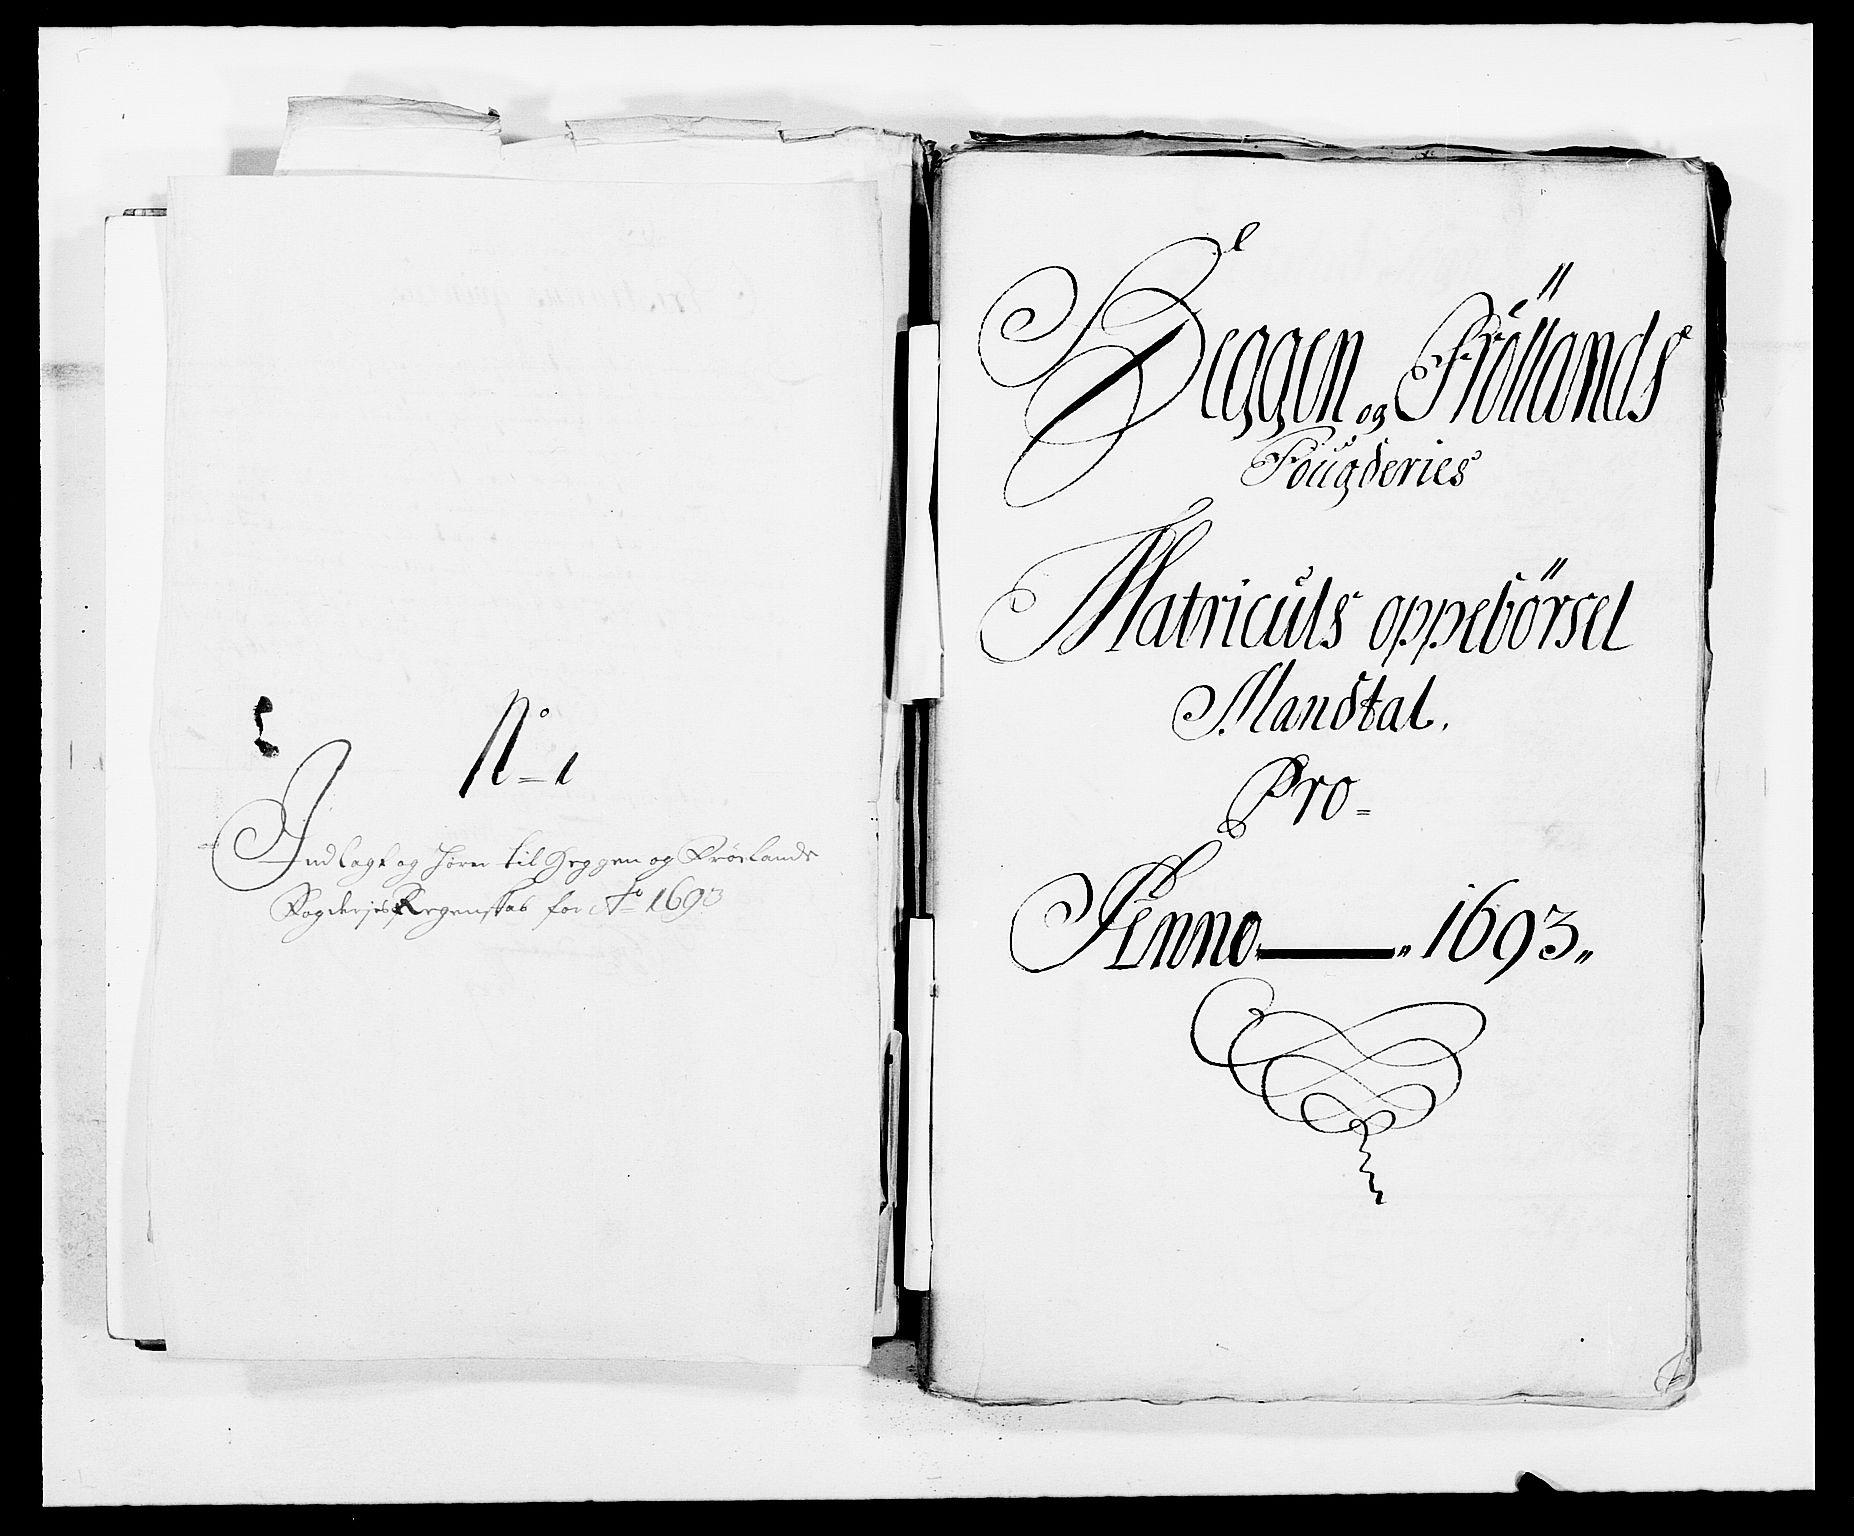 RA, Rentekammeret inntil 1814, Reviderte regnskaper, Fogderegnskap, R06/L0283: Fogderegnskap Heggen og Frøland, 1691-1693, s. 312